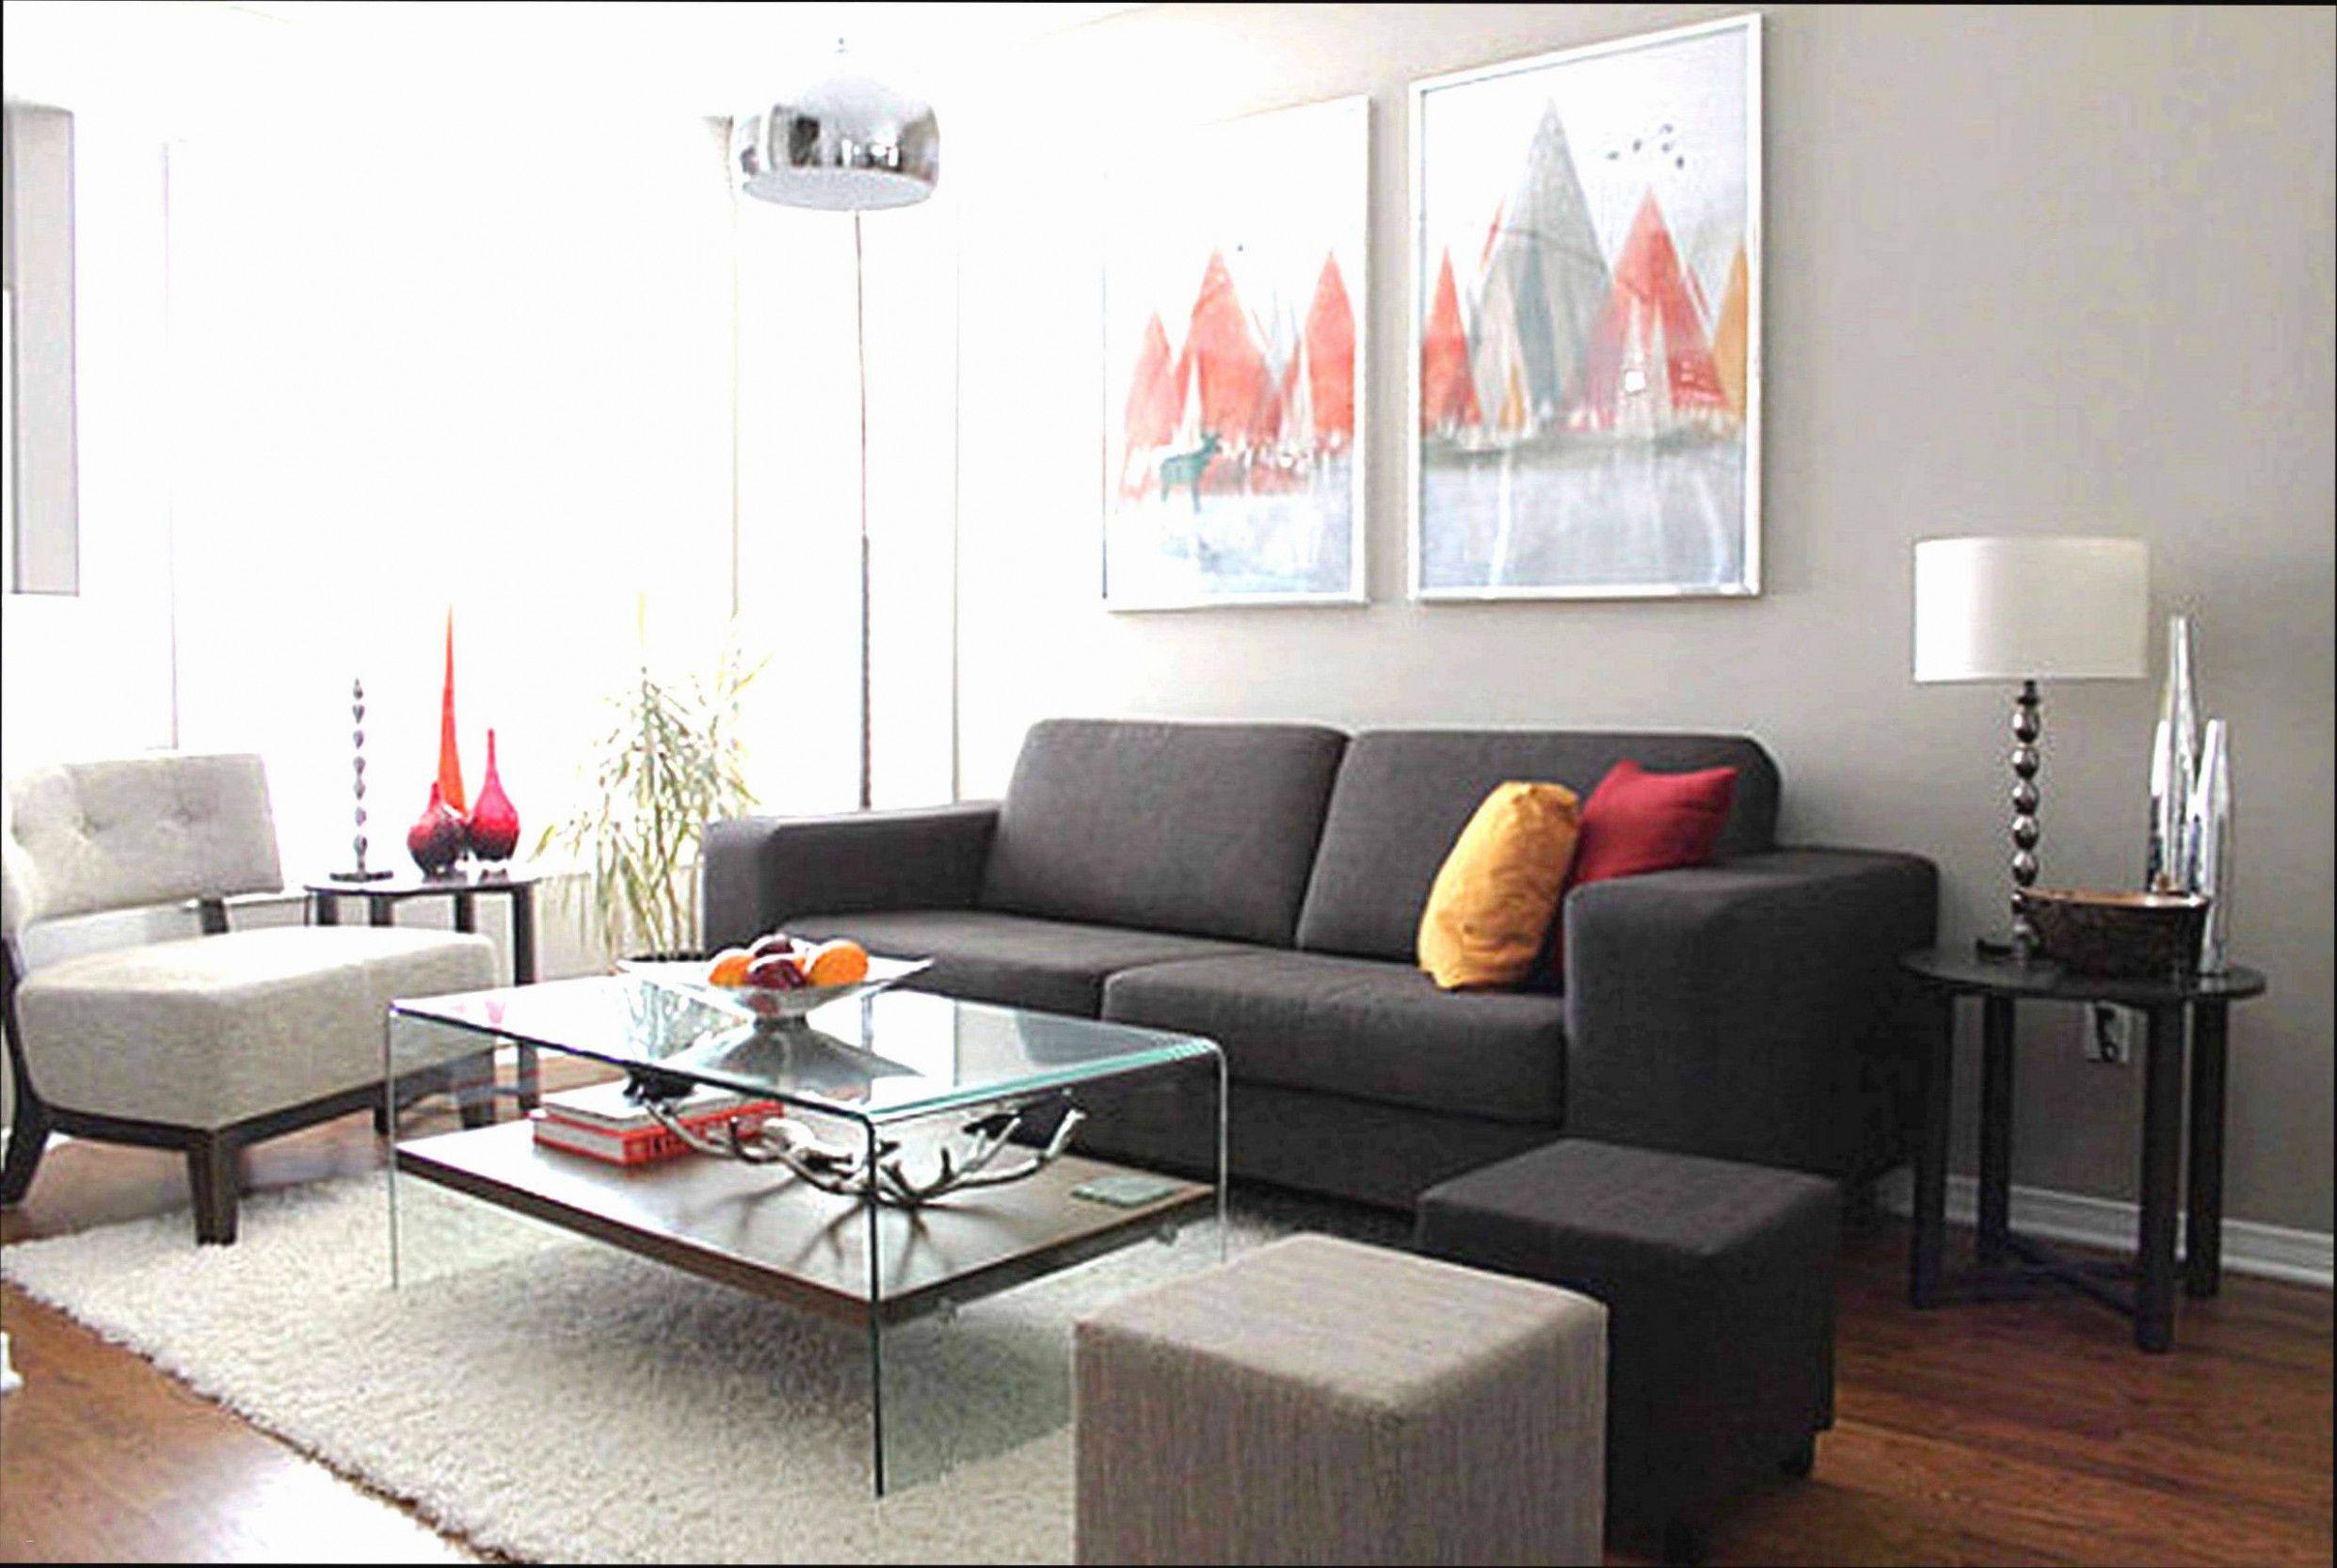 7 Wohnzimmer Orientalisch Trendy in 7  Wohnzimmer design